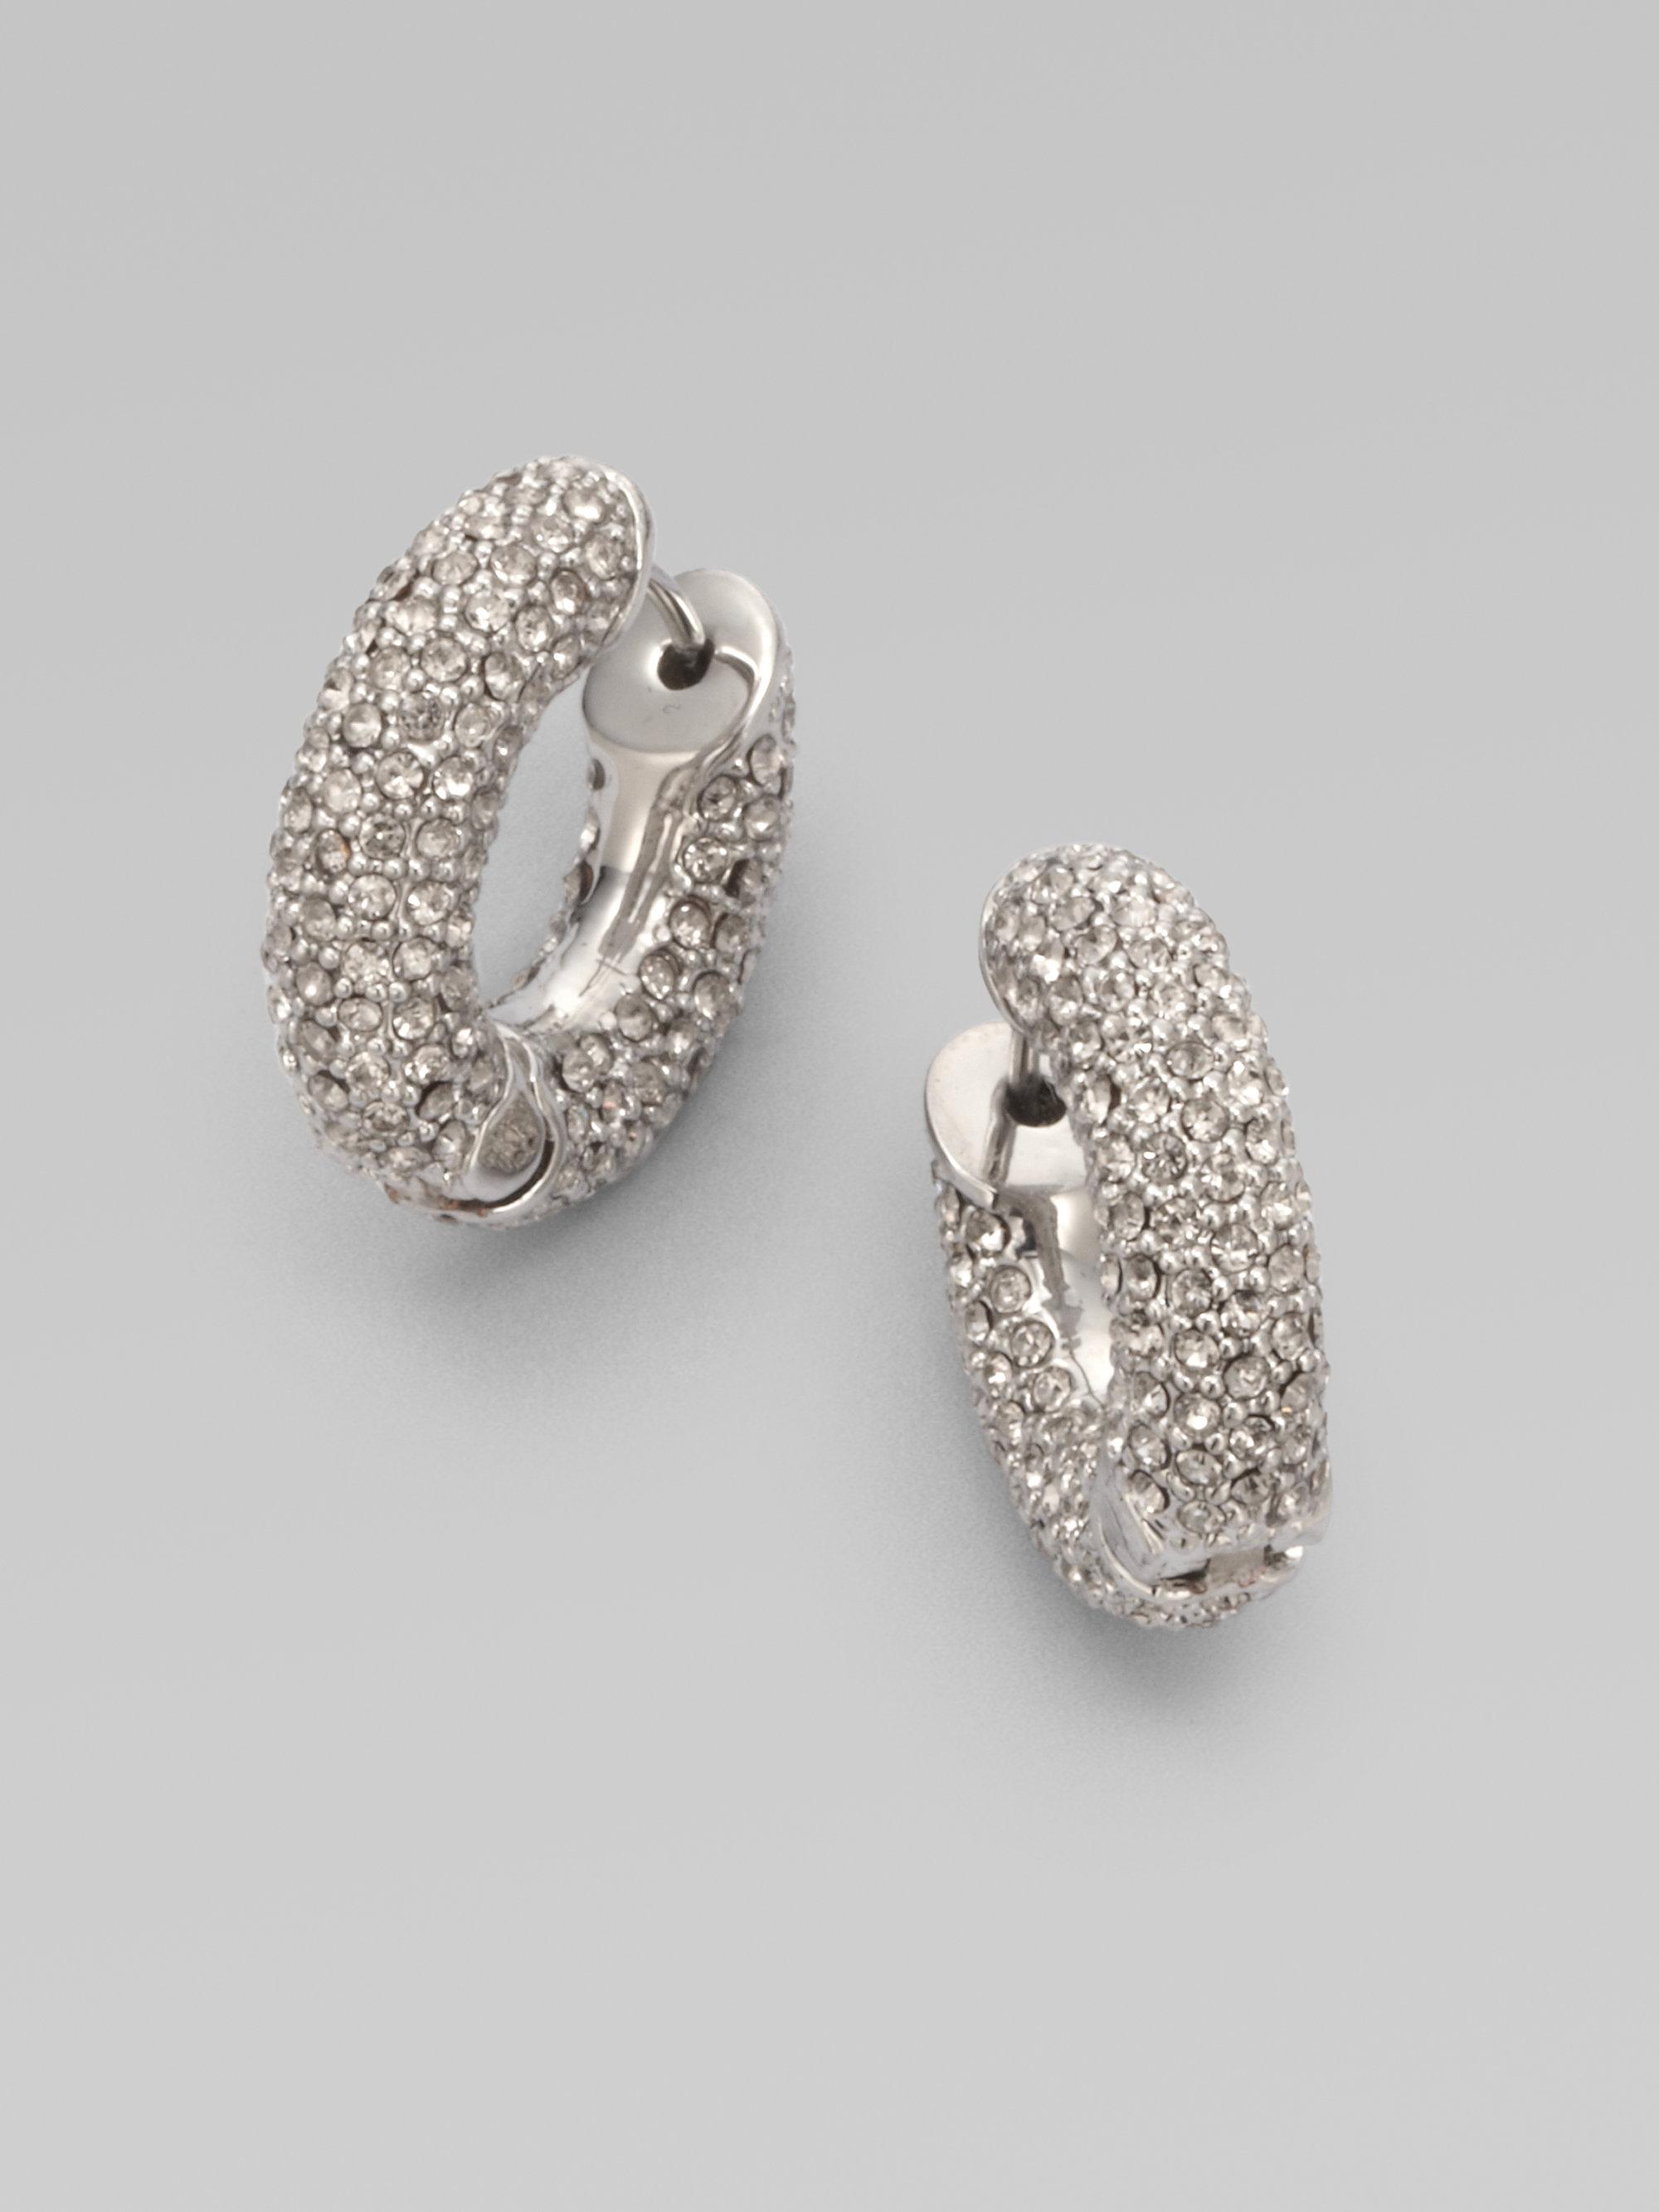 Michael kors Embellished Huggie Hoop Earrings in Metallic